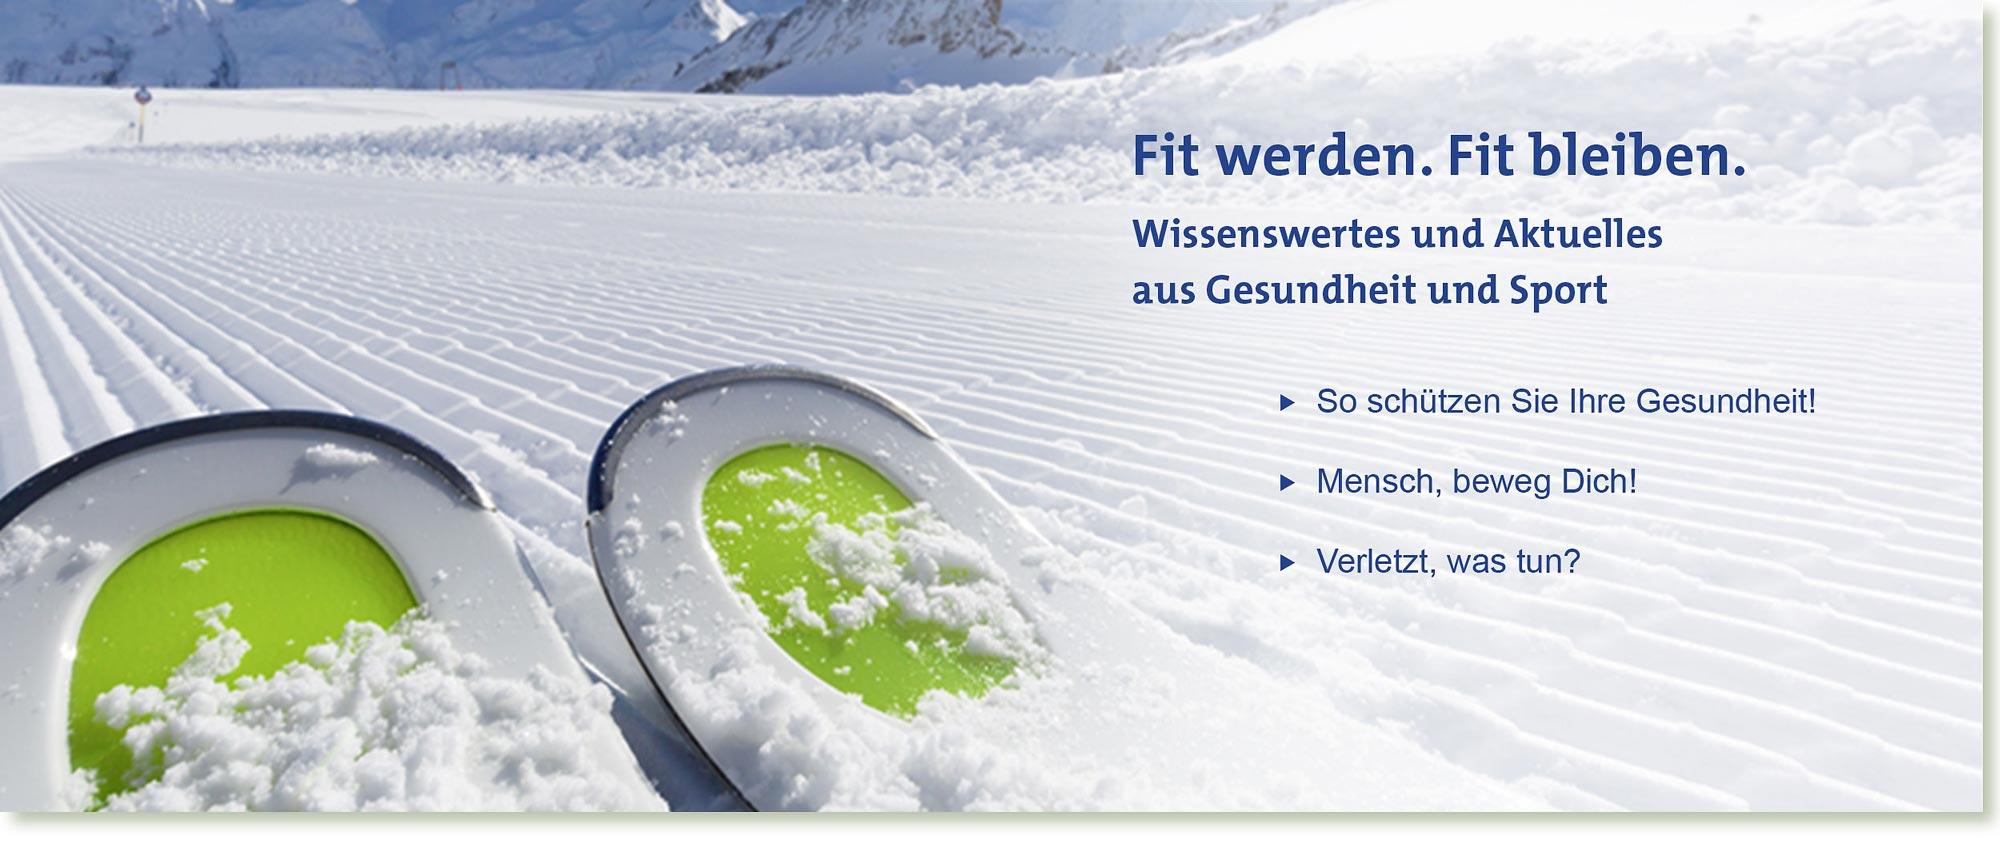 HeadImage | [formula] Müller-Wohlfahrt Gesundheit und Sport im Winter